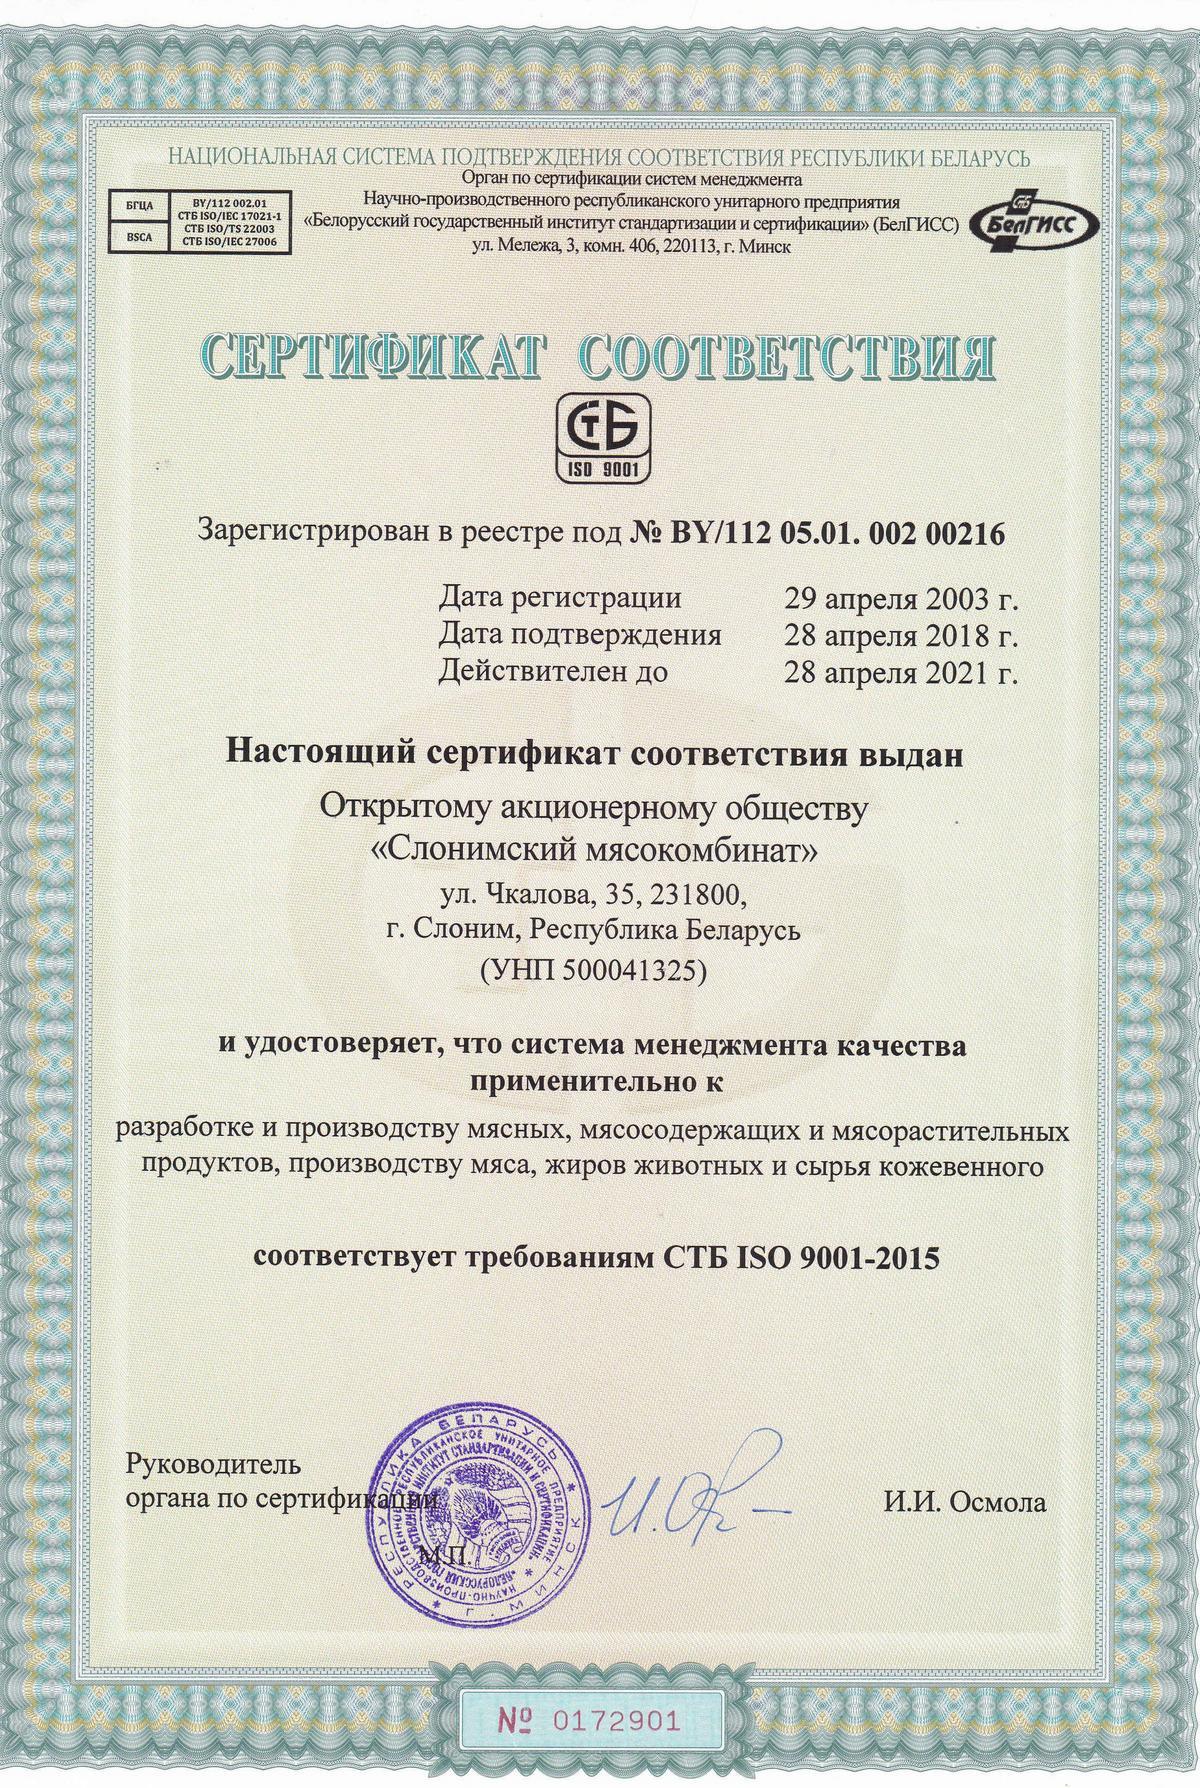 Сертификат соответствия требованиям СТБ ИСО 9001-2015